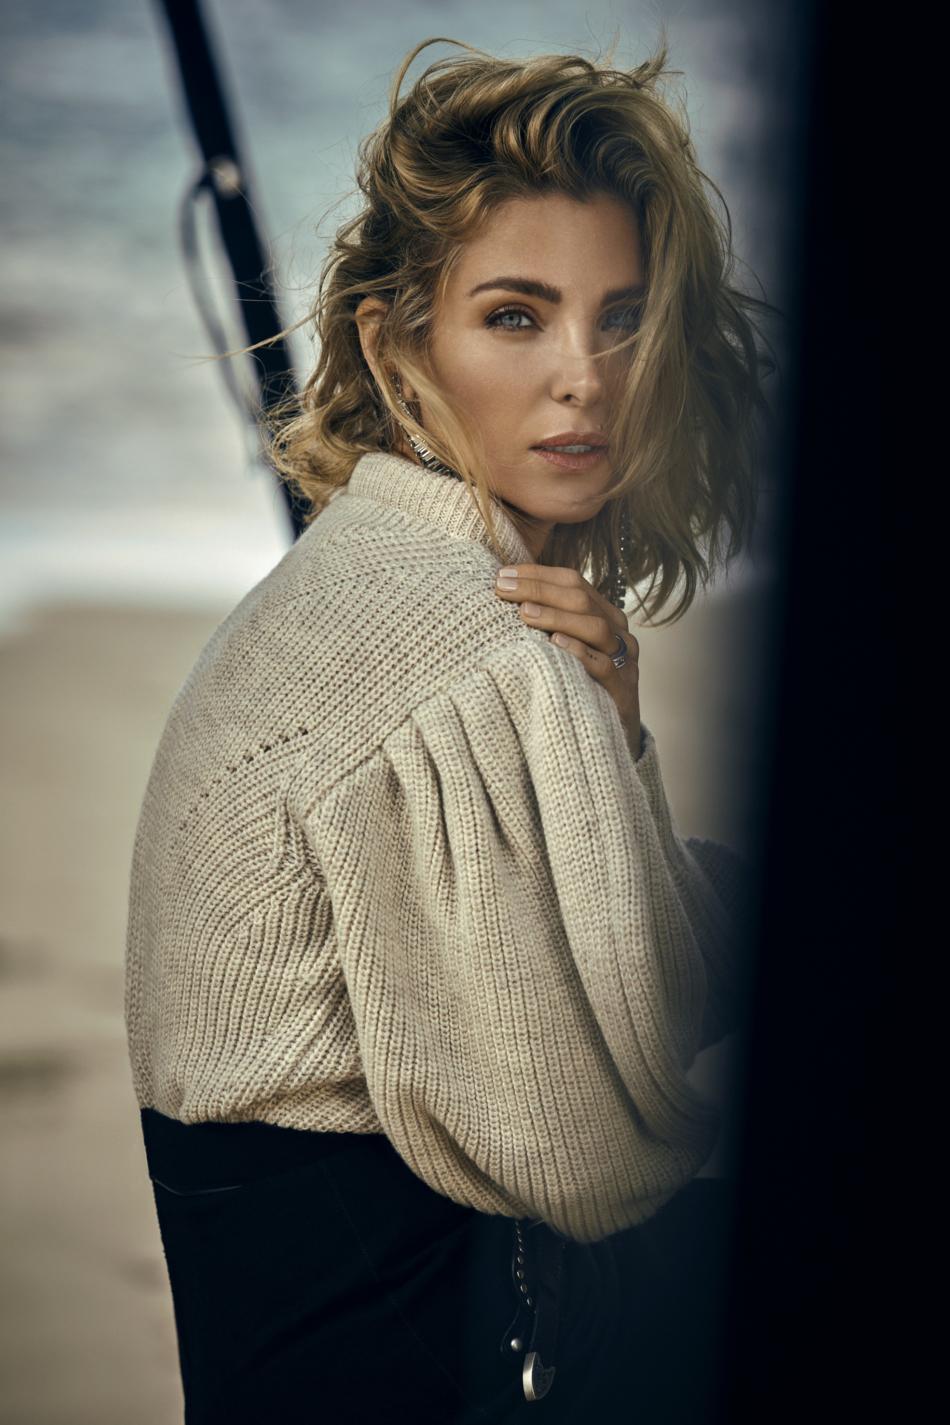 Valero Rioja Photography cover Hola Fashion Elsa Pataky 3